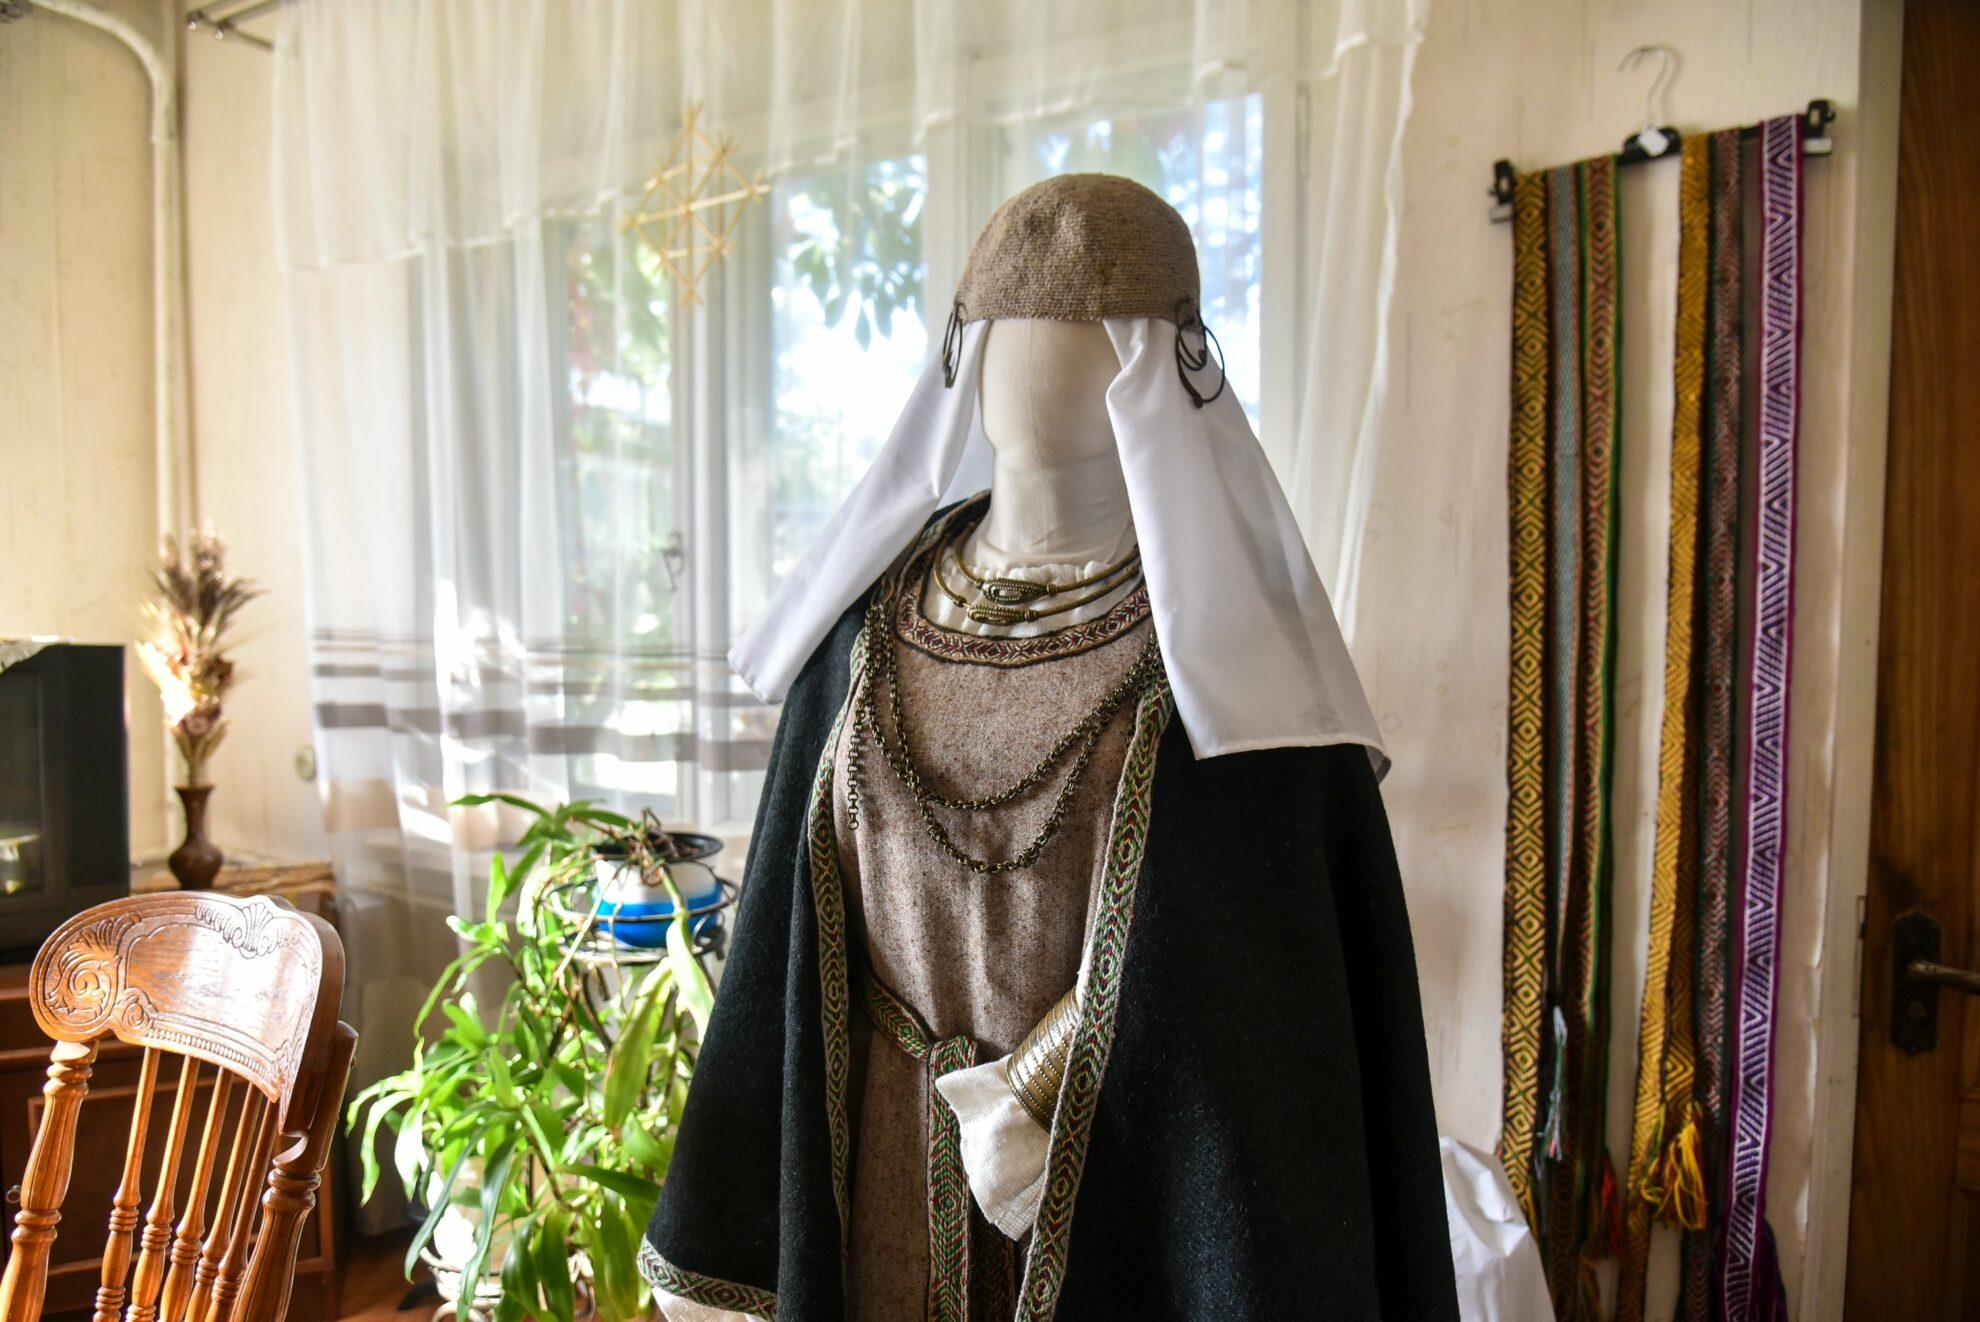 Iš visų tautodailininkės Alės Gegelevičienės kurtų baltiškų kostiumų namuose telikę vos porą – kiti iškeliavę pas moteris. P. Židonio nuotr.